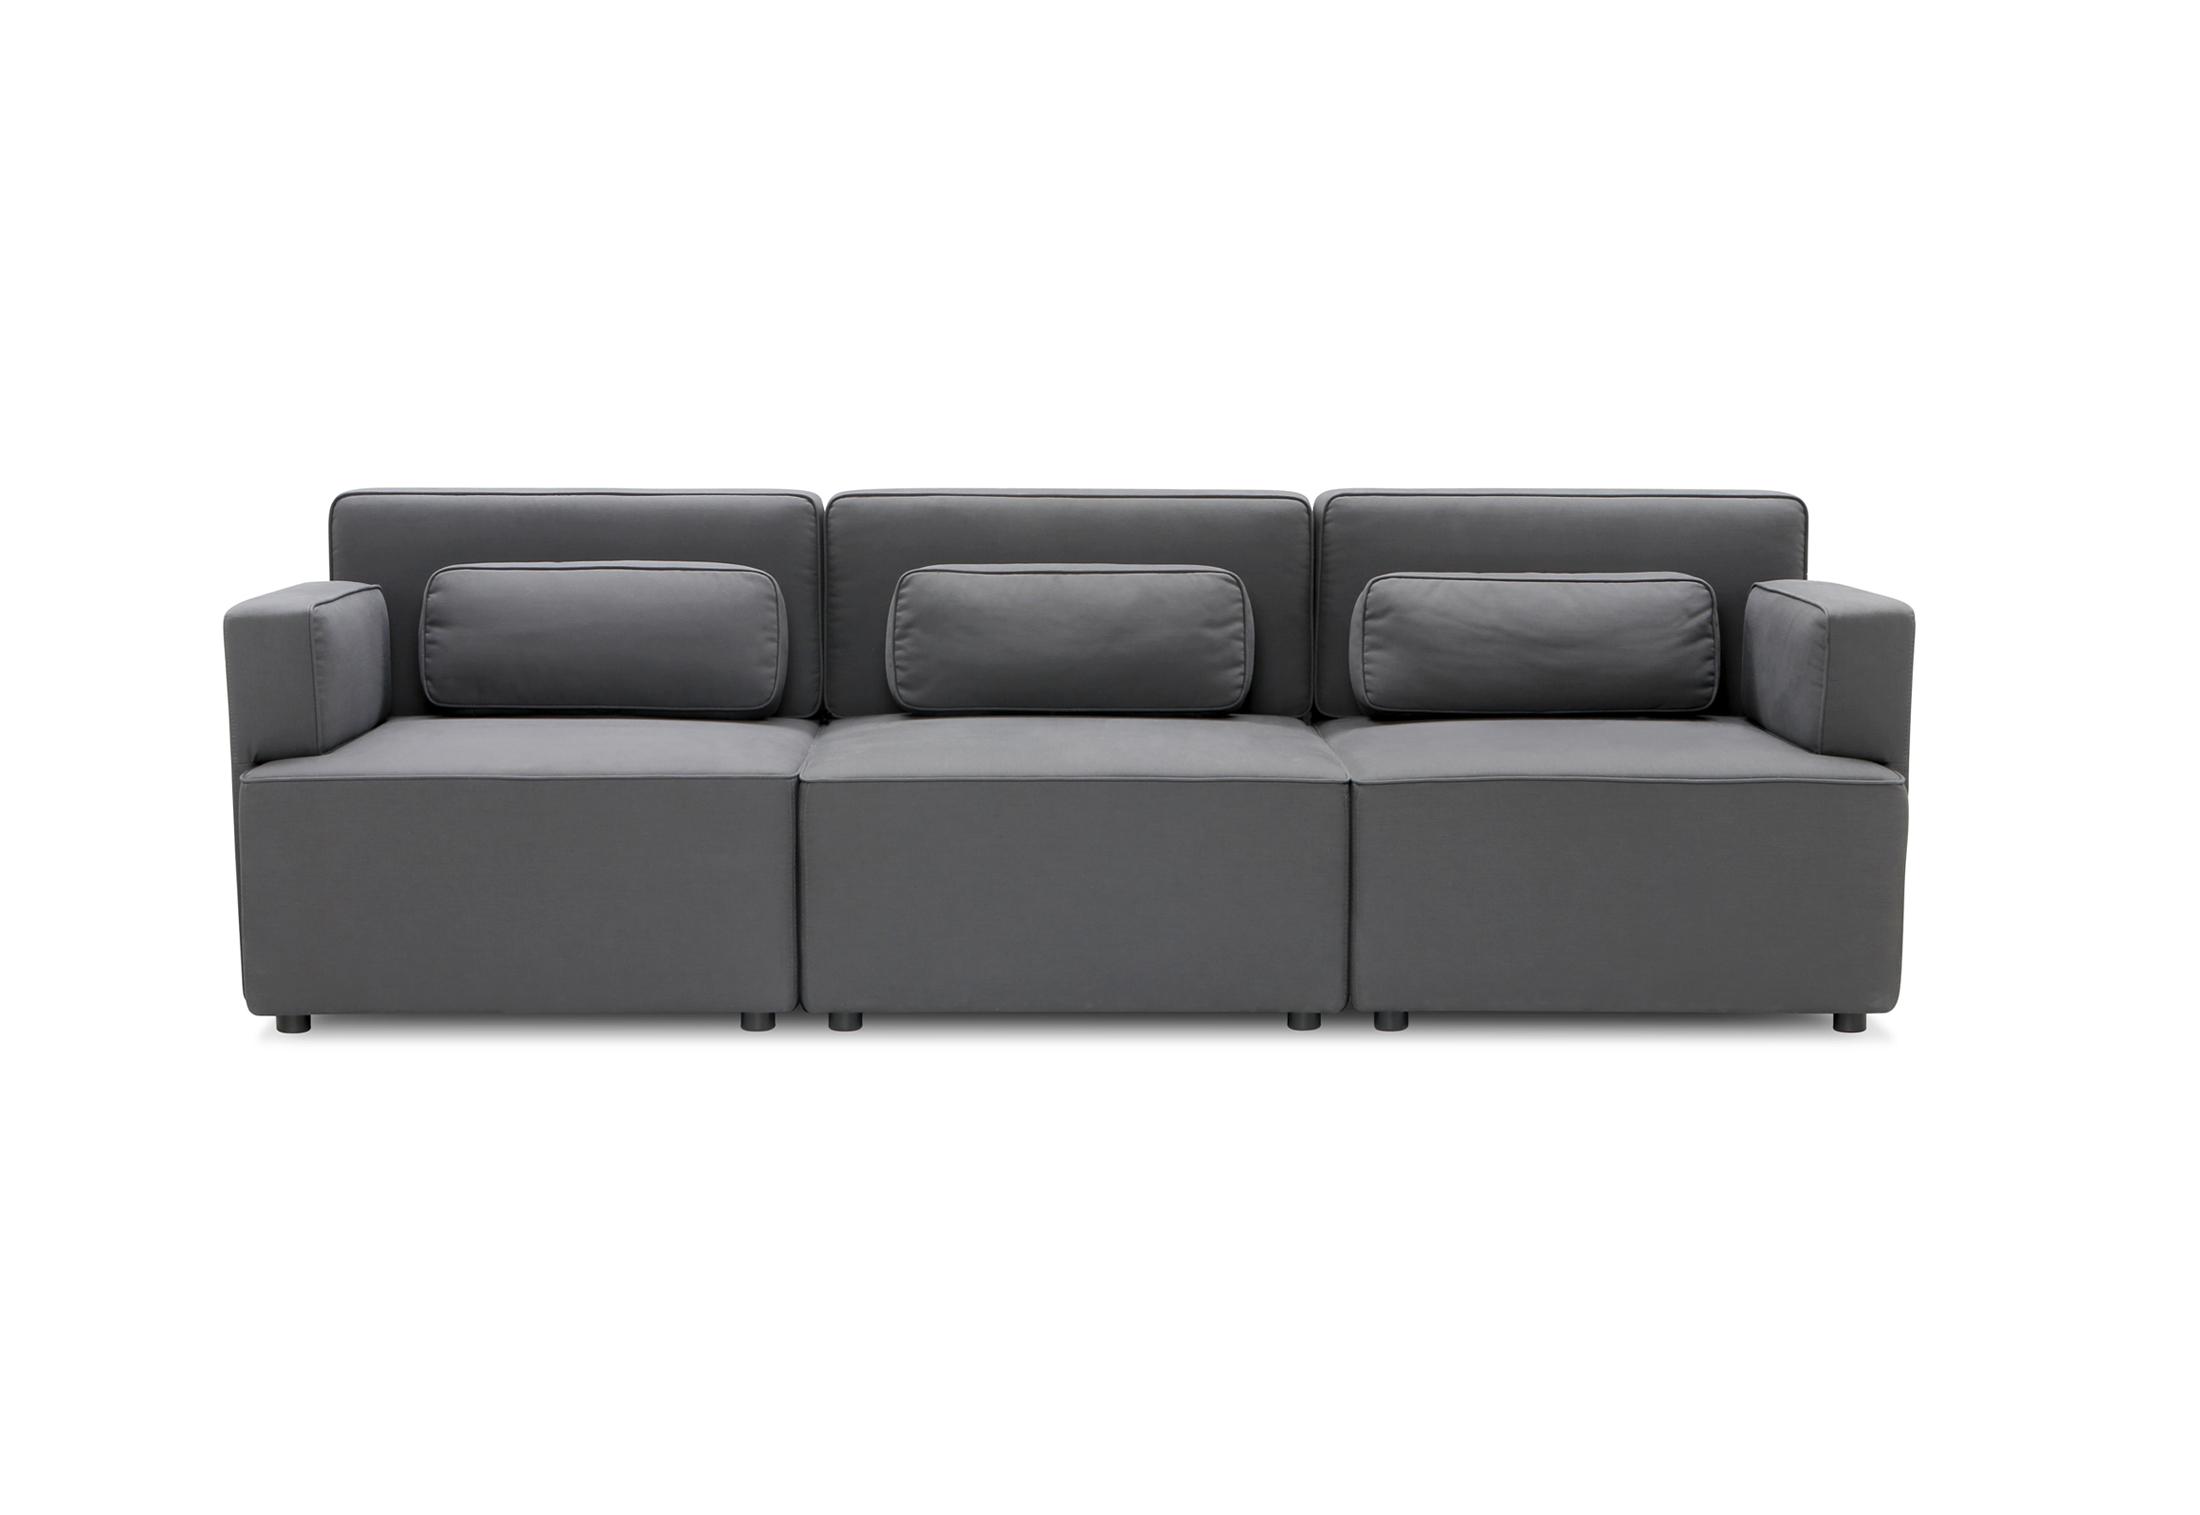 set sofasystem von sitzfeldt stylepark. Black Bedroom Furniture Sets. Home Design Ideas